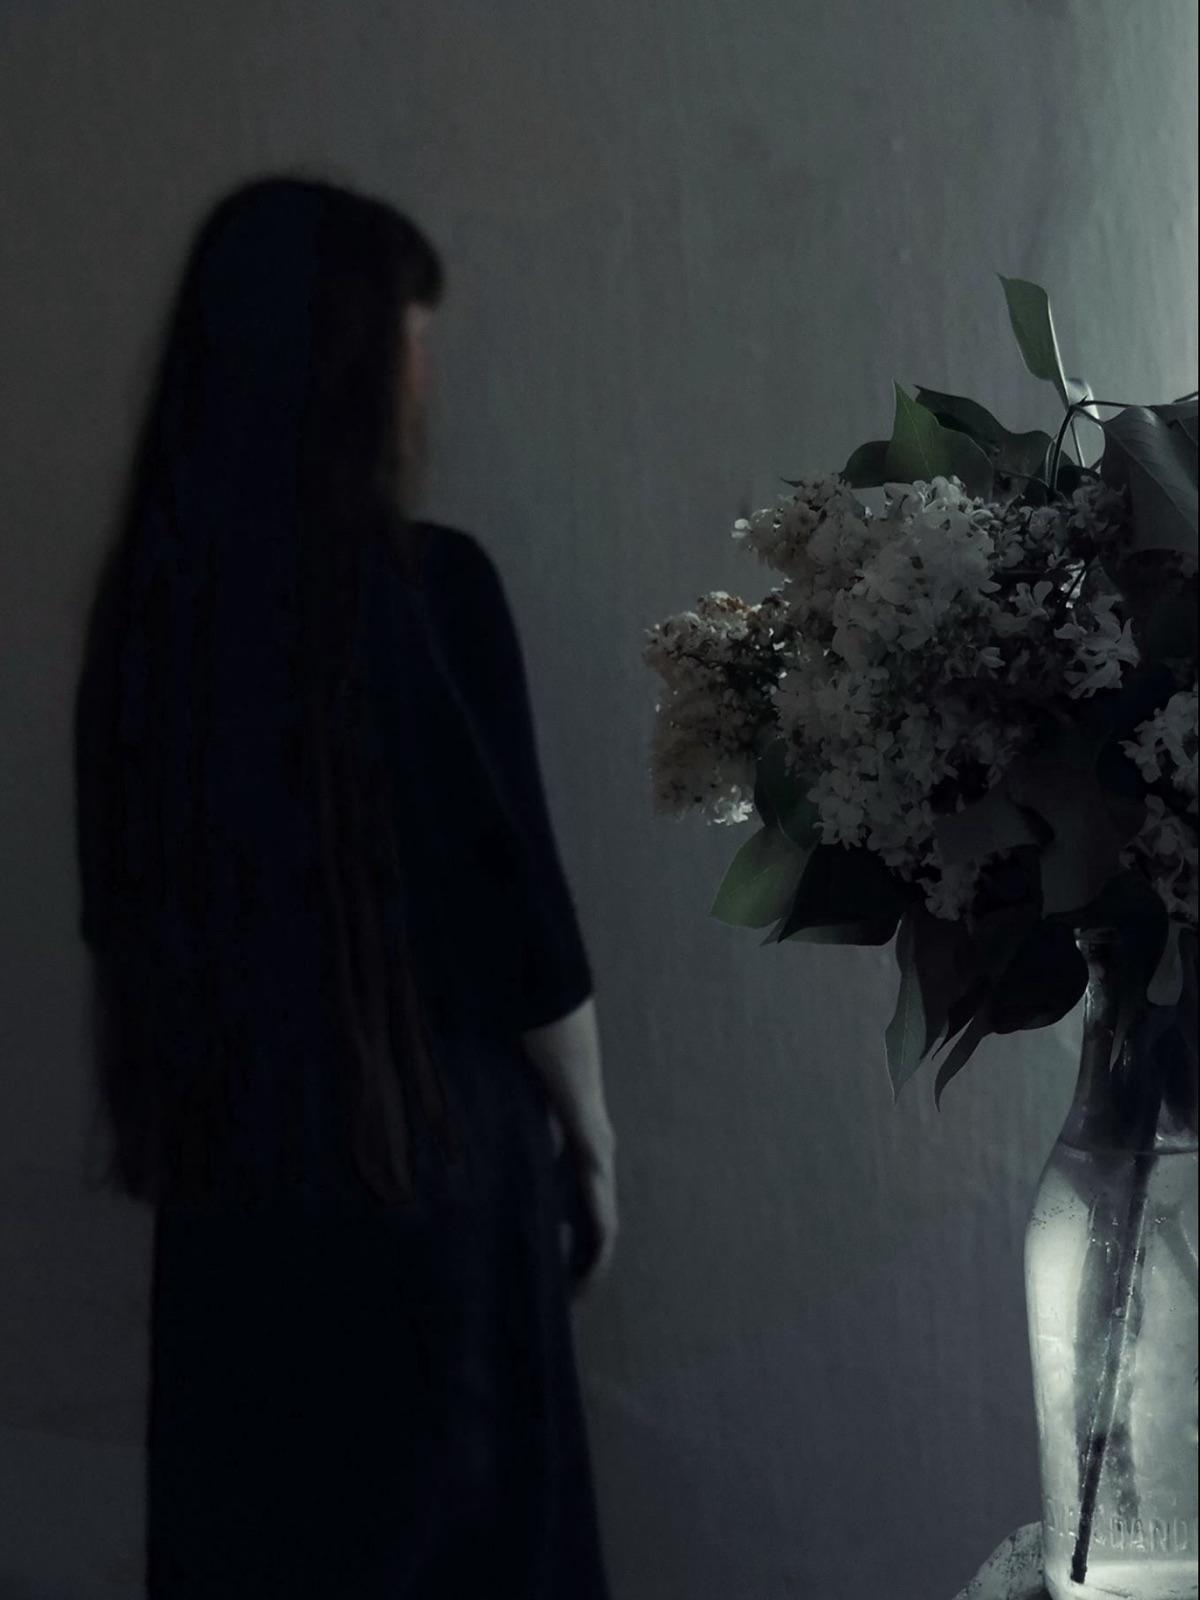 Wilting blossoming strangest, u - roddiemac   ello